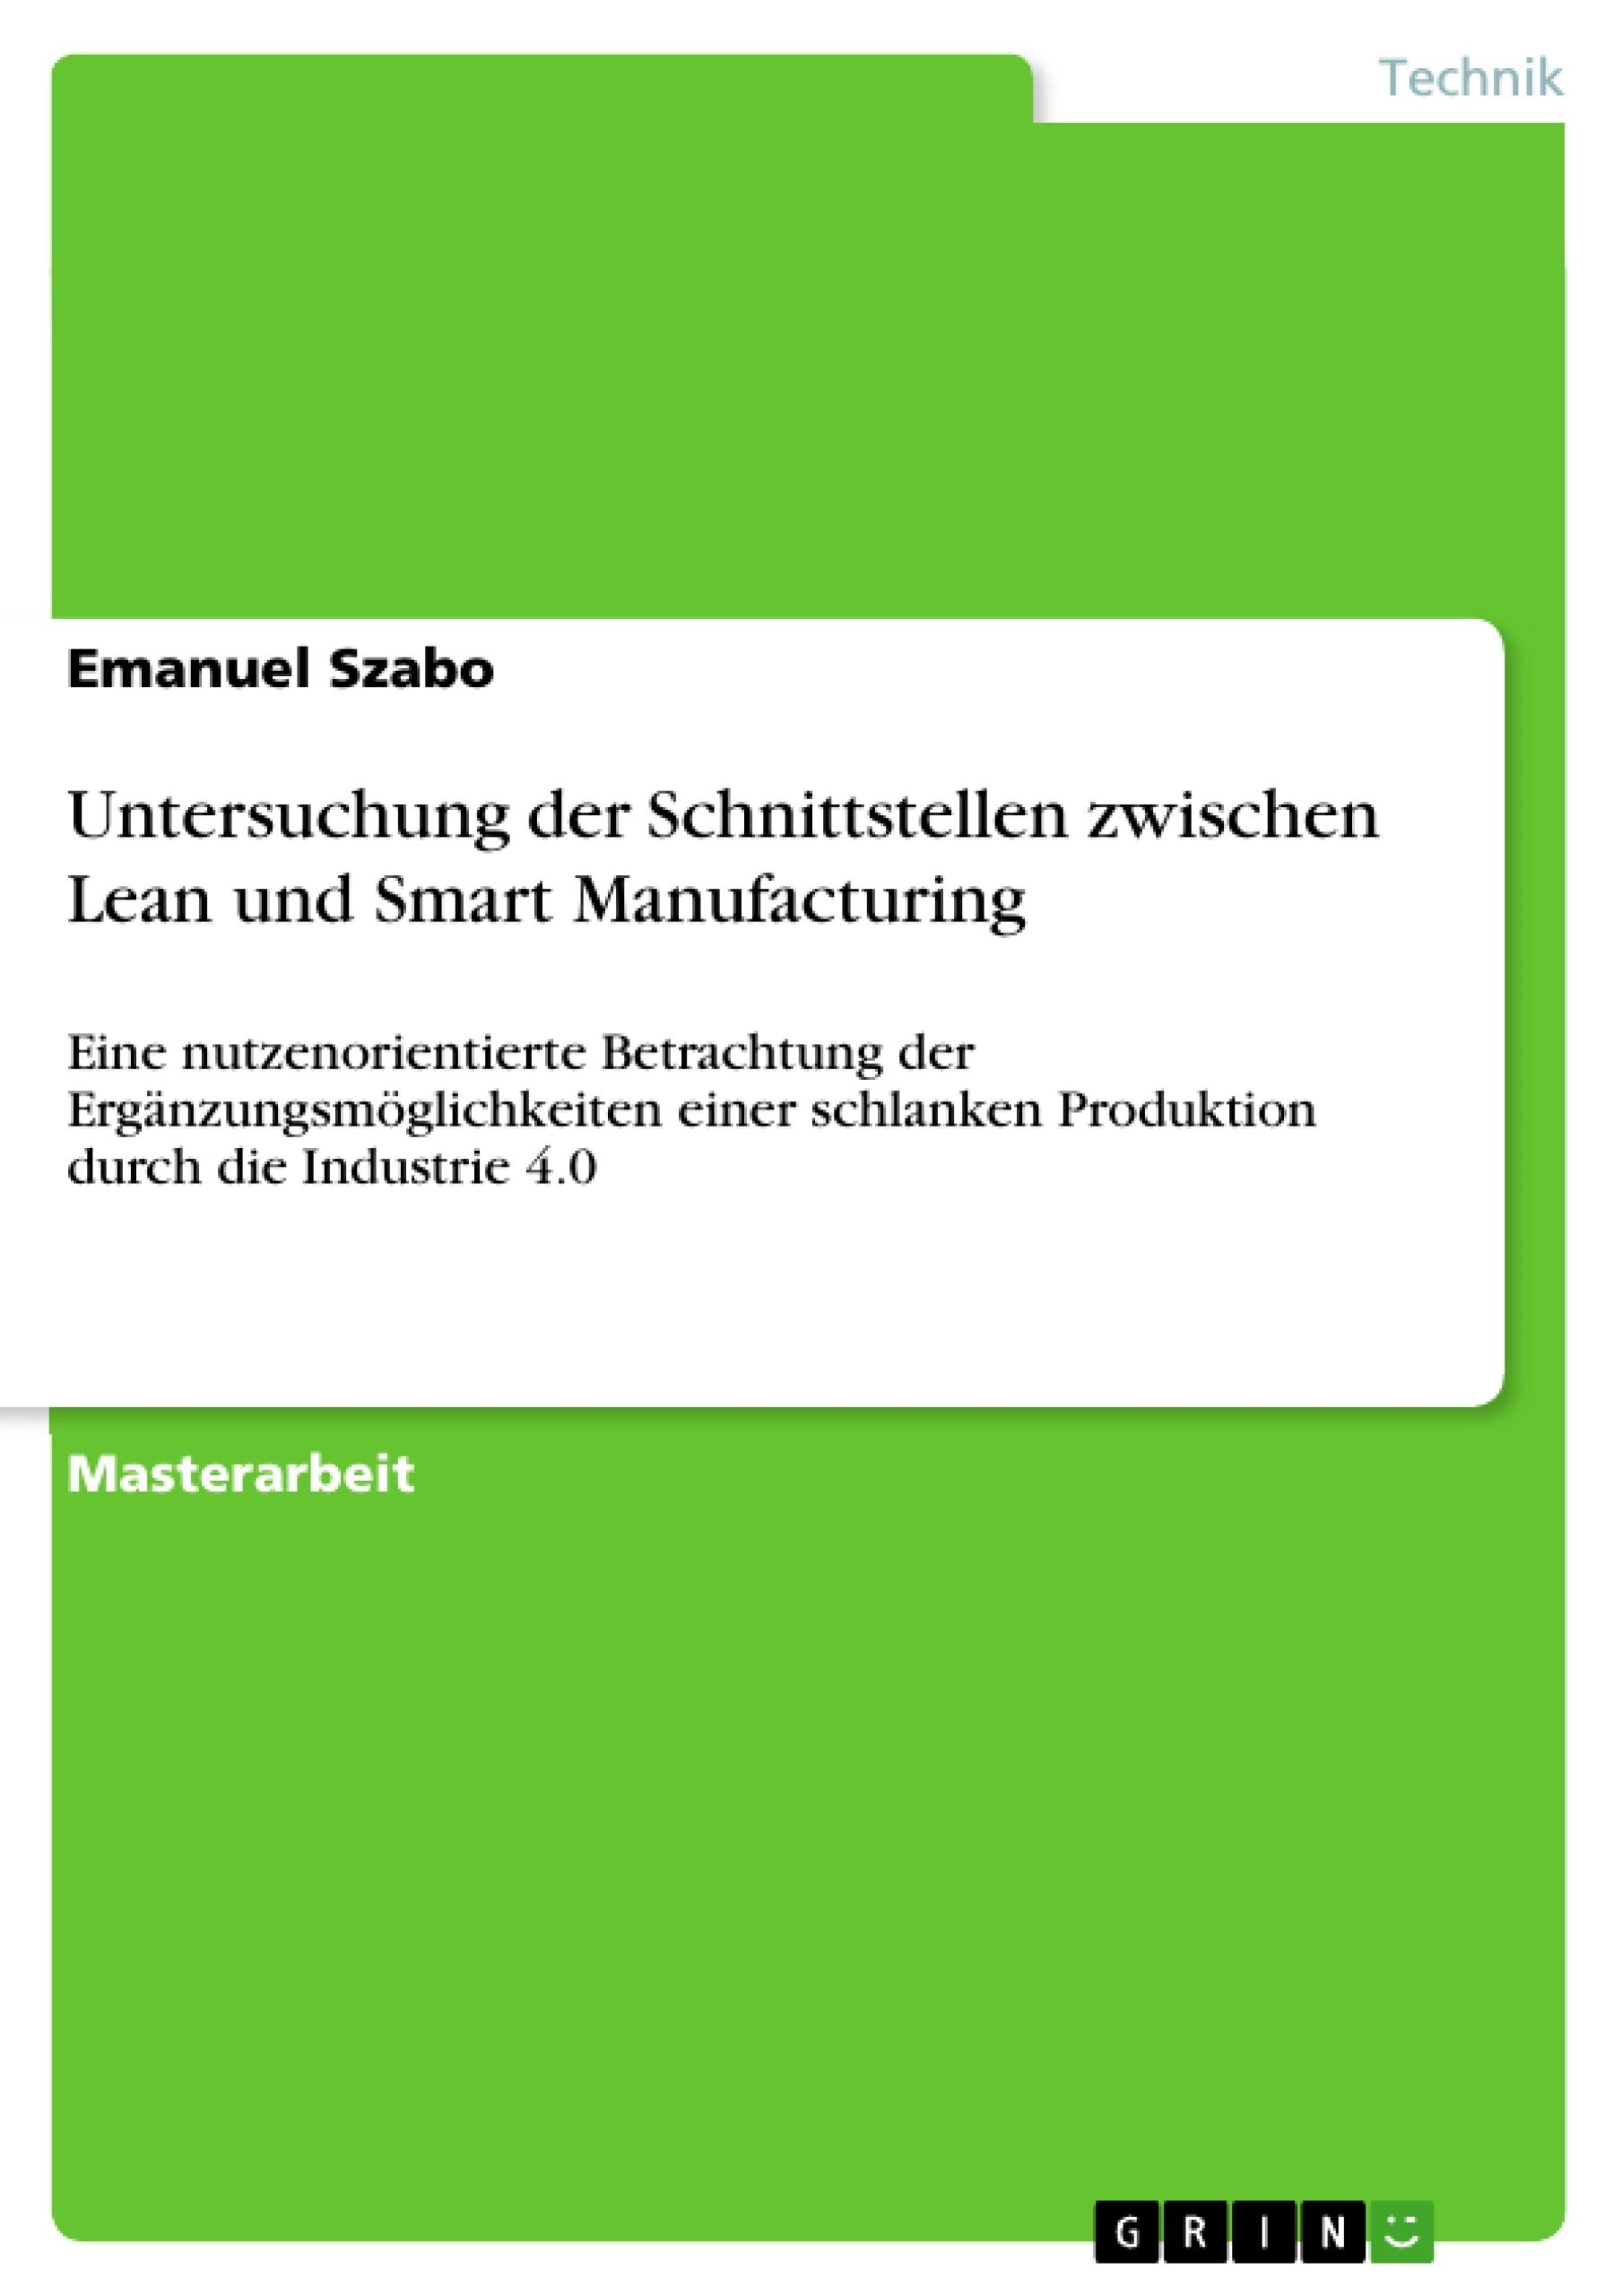 Titel: Untersuchung der Schnittstellen zwischen Lean und Smart Manufacturing